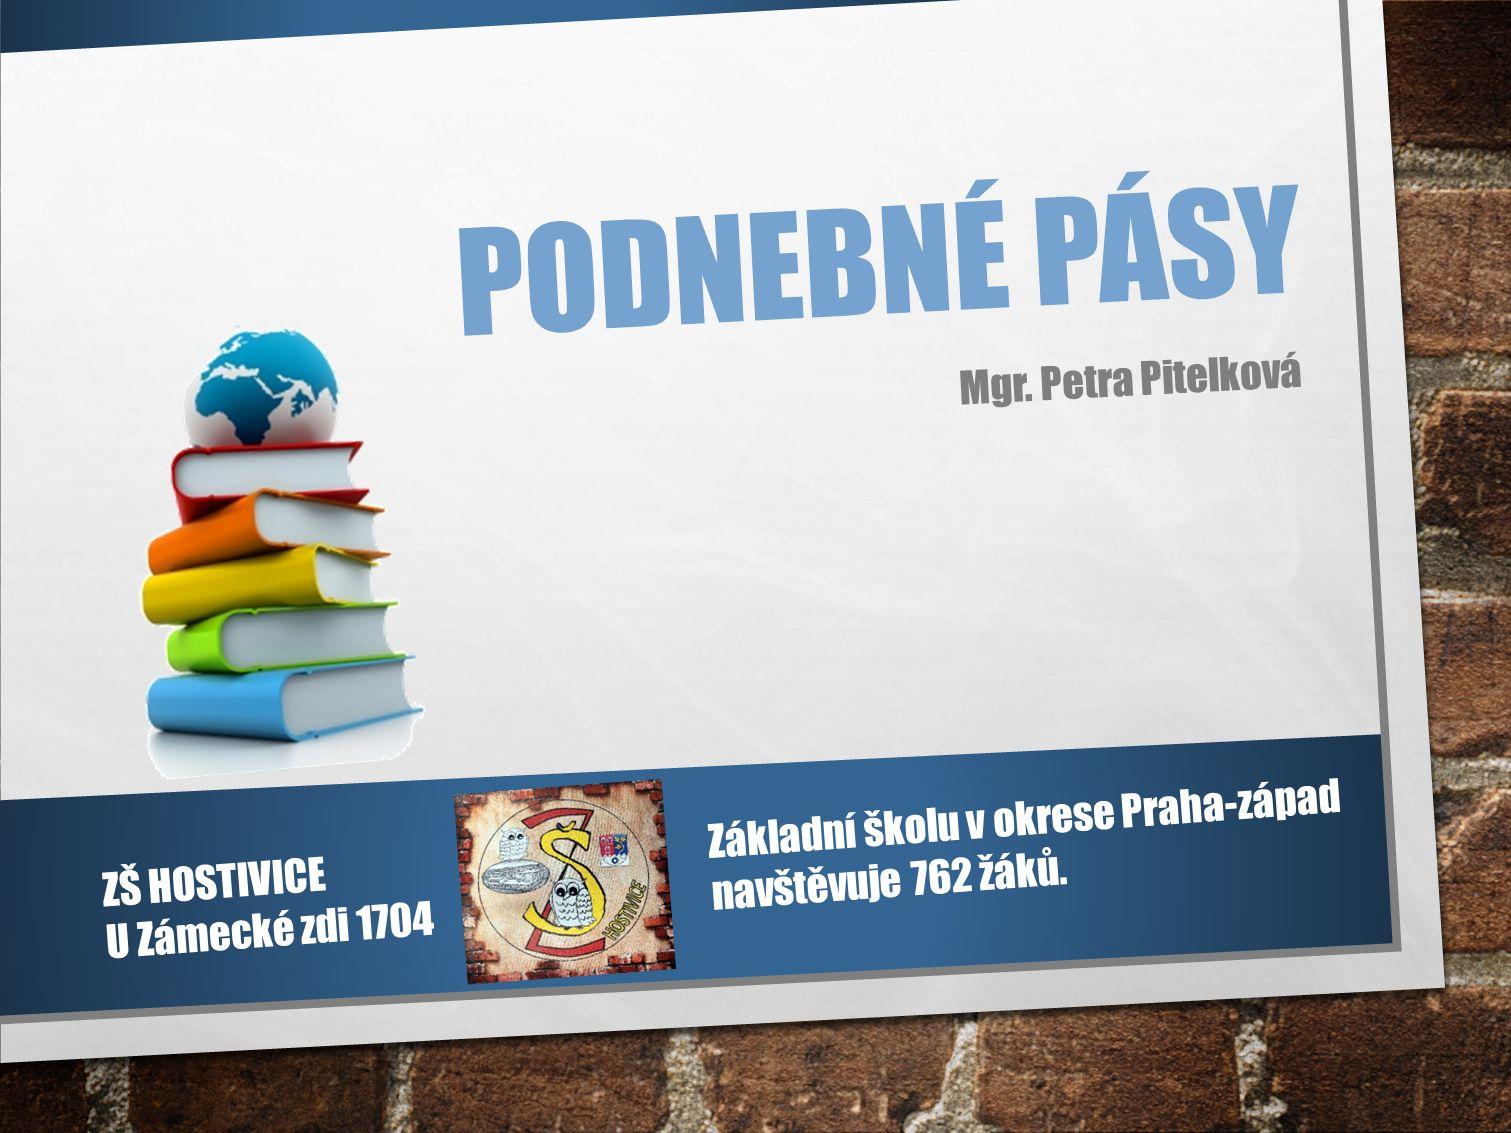 PODNEBNÉ PÁSY Mgr. Petra Pitelková Základní školu v okrese Praha-západ navštěvuje 762 žáků.